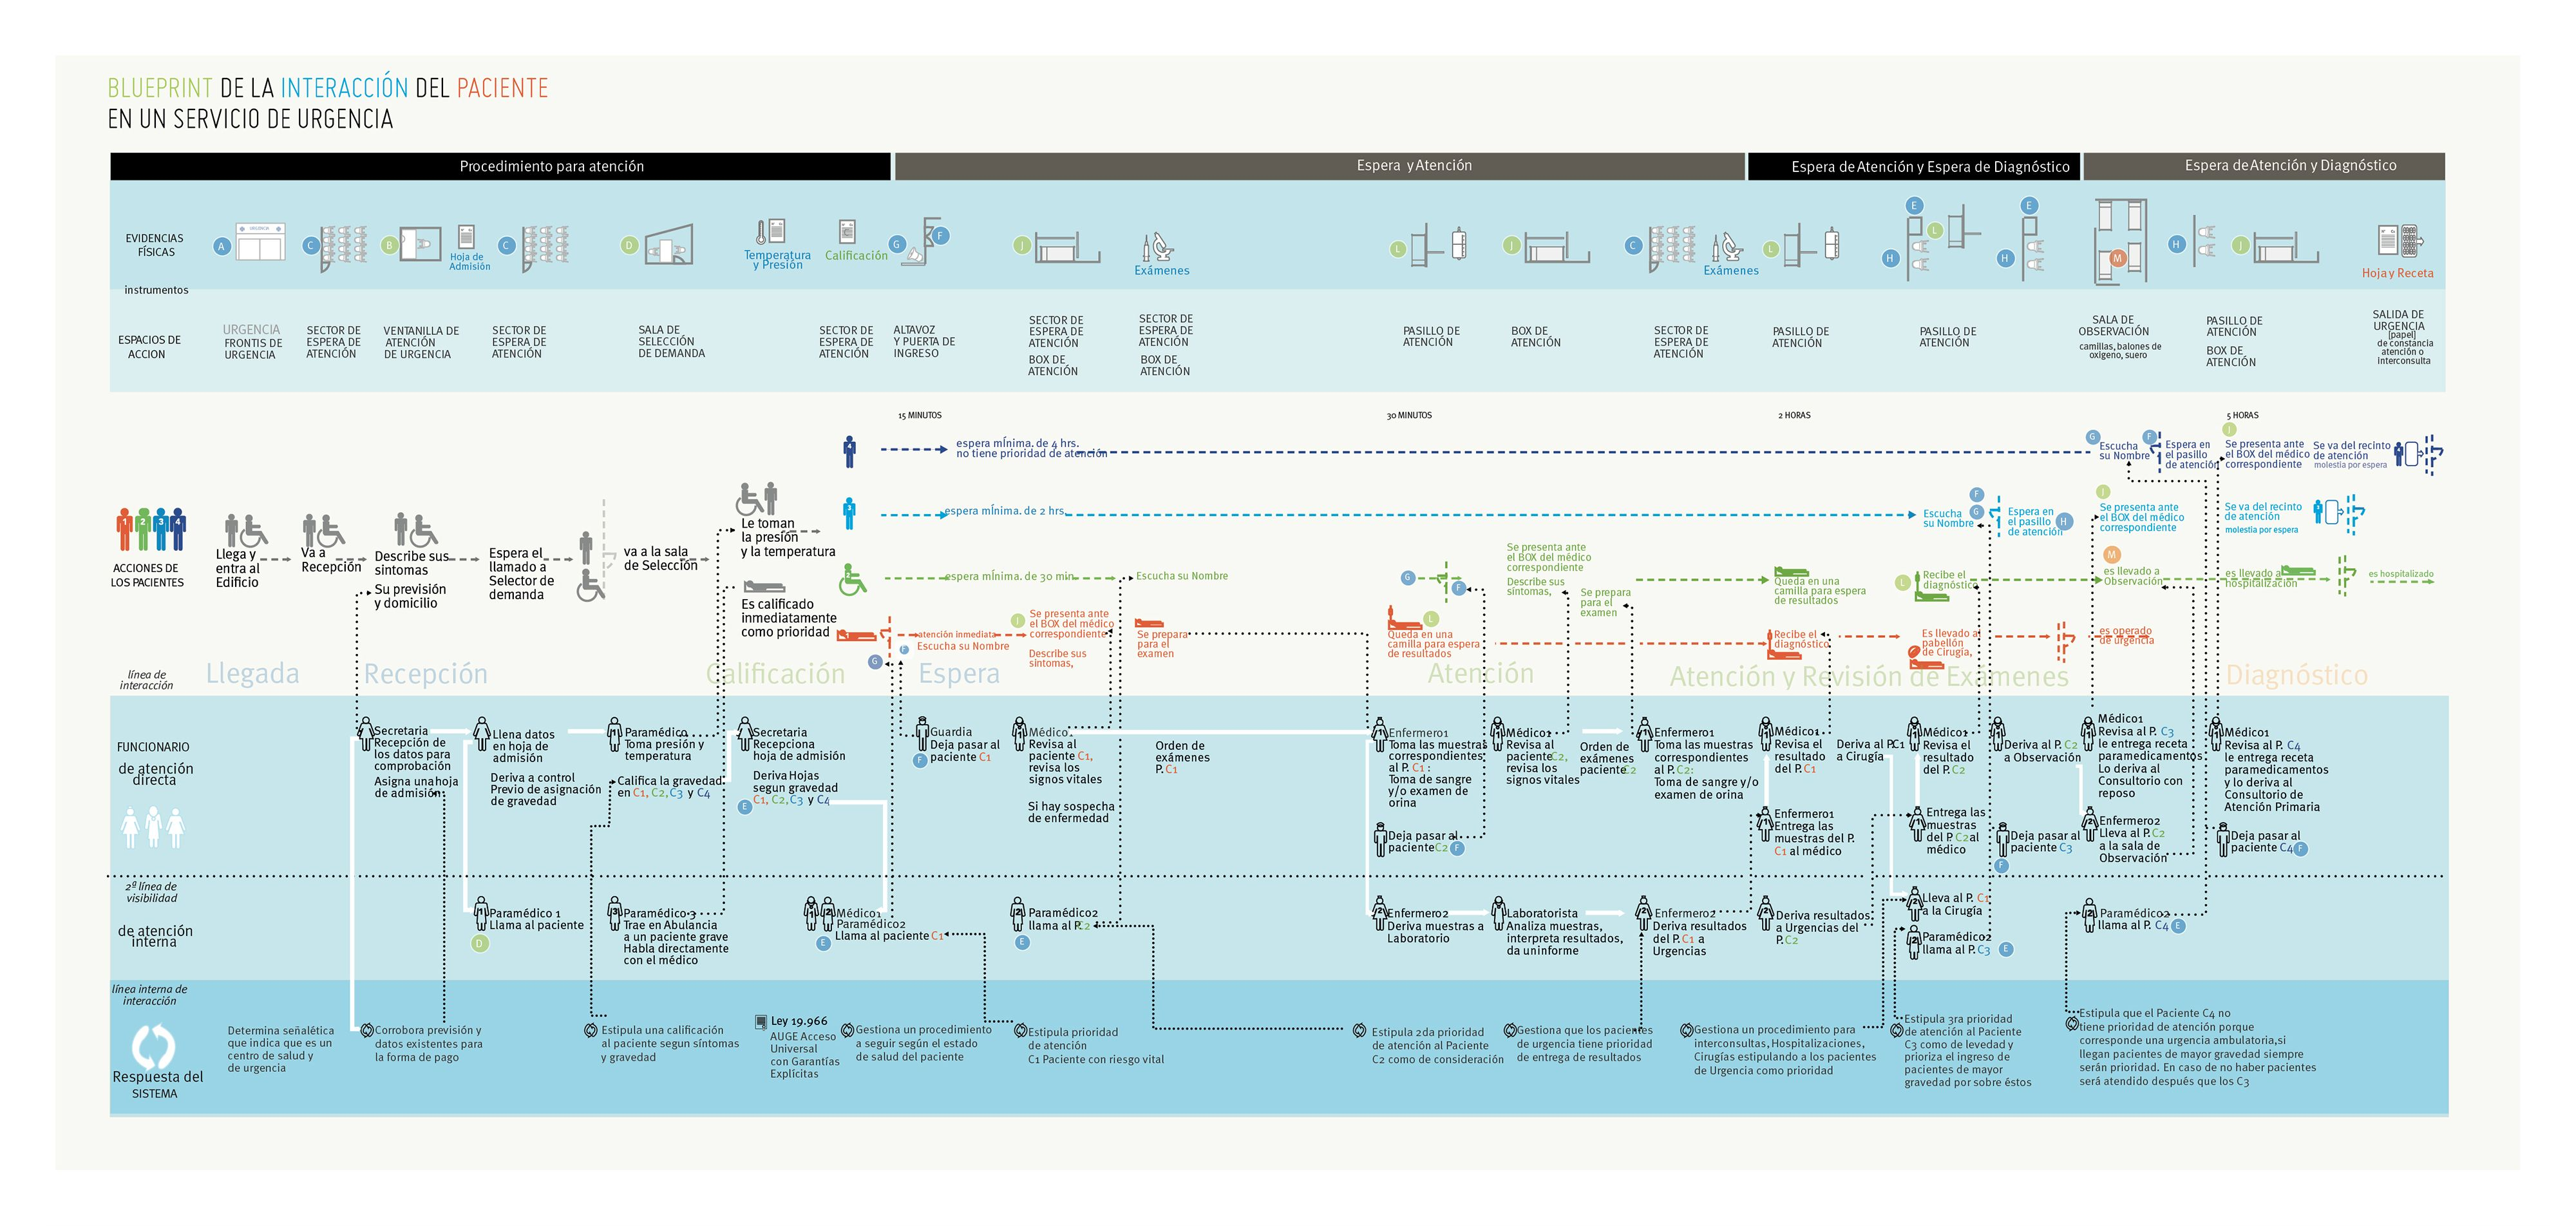 Blueprint de la interaccin del paciente en un servicio de urgencia blueprint de la interaccin del paciente en un servicio de urgencia original http malvernweather Choice Image